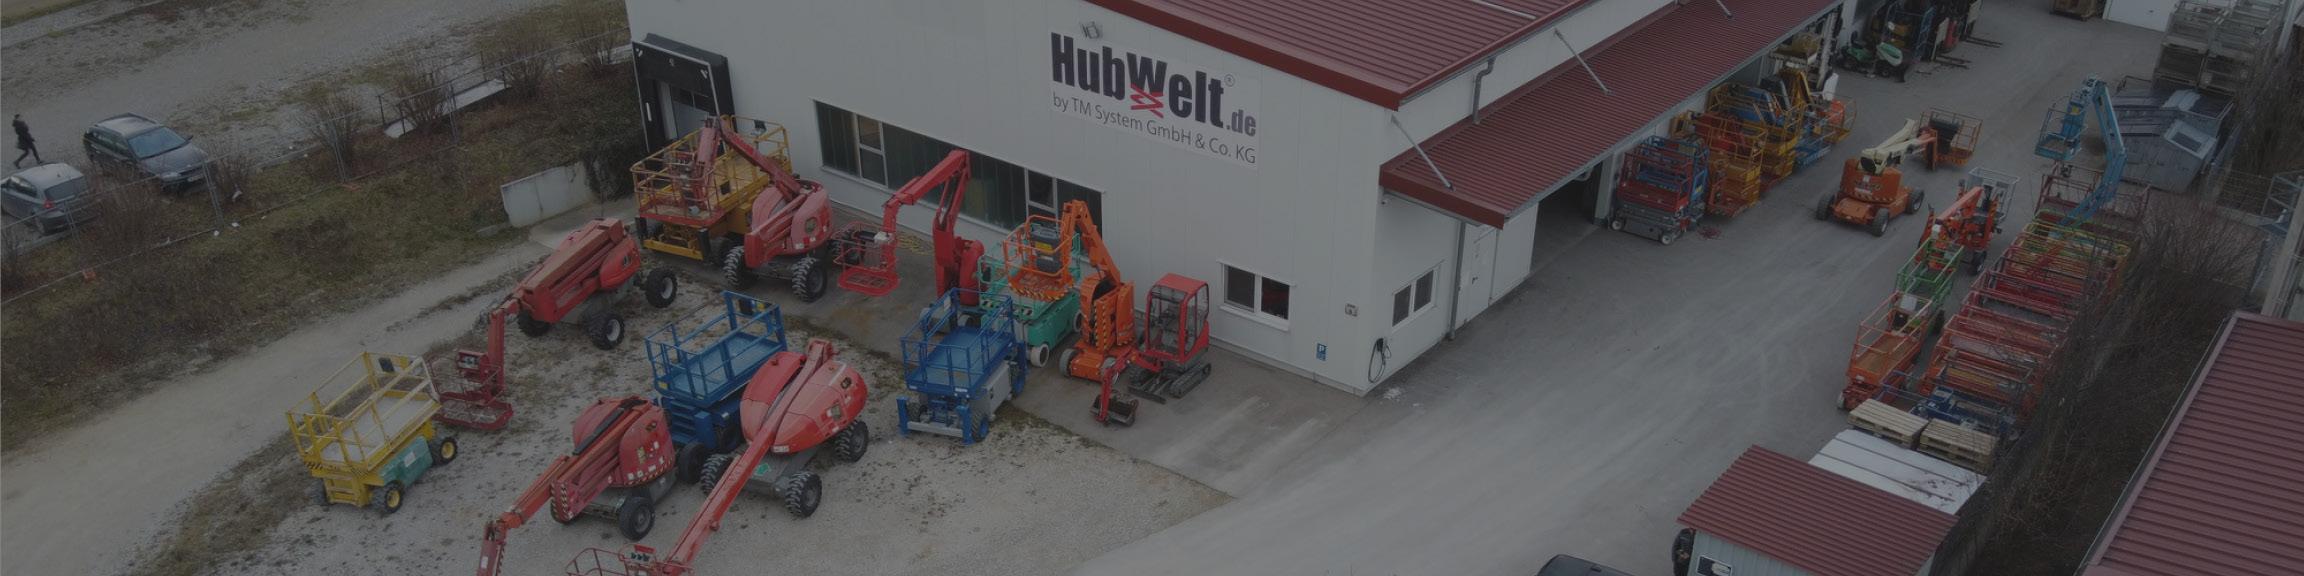 header-kontakt-hubwelt-arbeitsbuehnen-baumaschinen